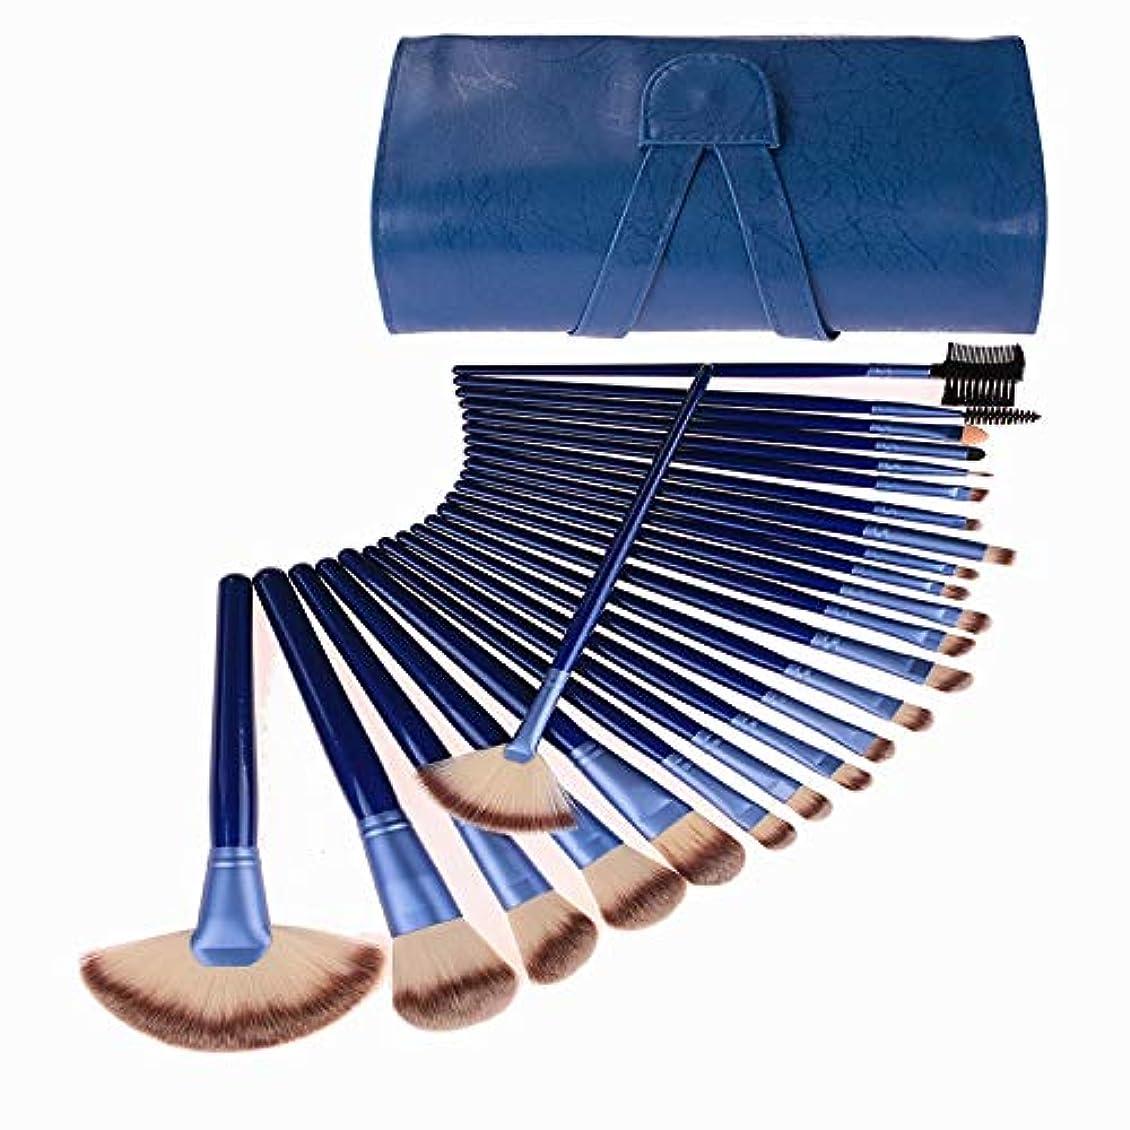 満足させるトロリーバス干ばつ化粧ブラシスタートメーカー24個天然竹化粧ブラシセットビーガンプロ化粧品歌舞伎ブラシ化粧ブラシセット非常に柔らかい化粧ブラシセット美容スポンジ (Color : Blue)